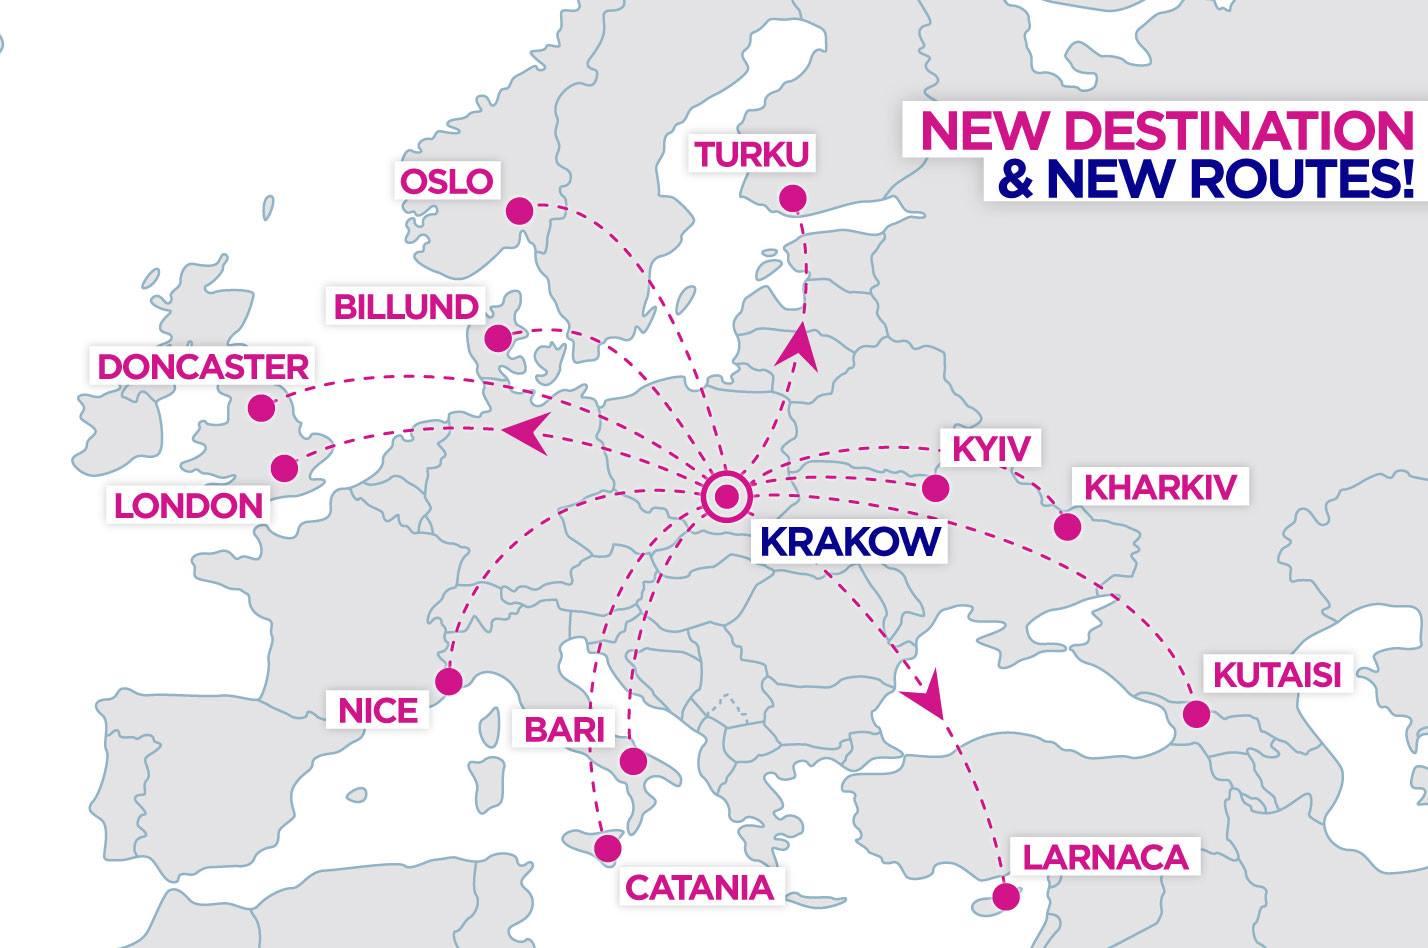 Маршрутная сеть Wizz Air из Кракова